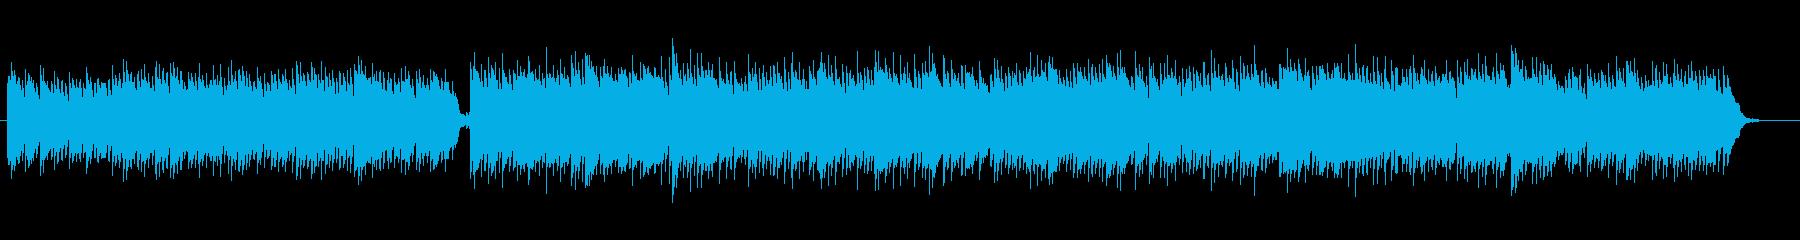 ニュースや日常に/ピアノメインのBGMの再生済みの波形